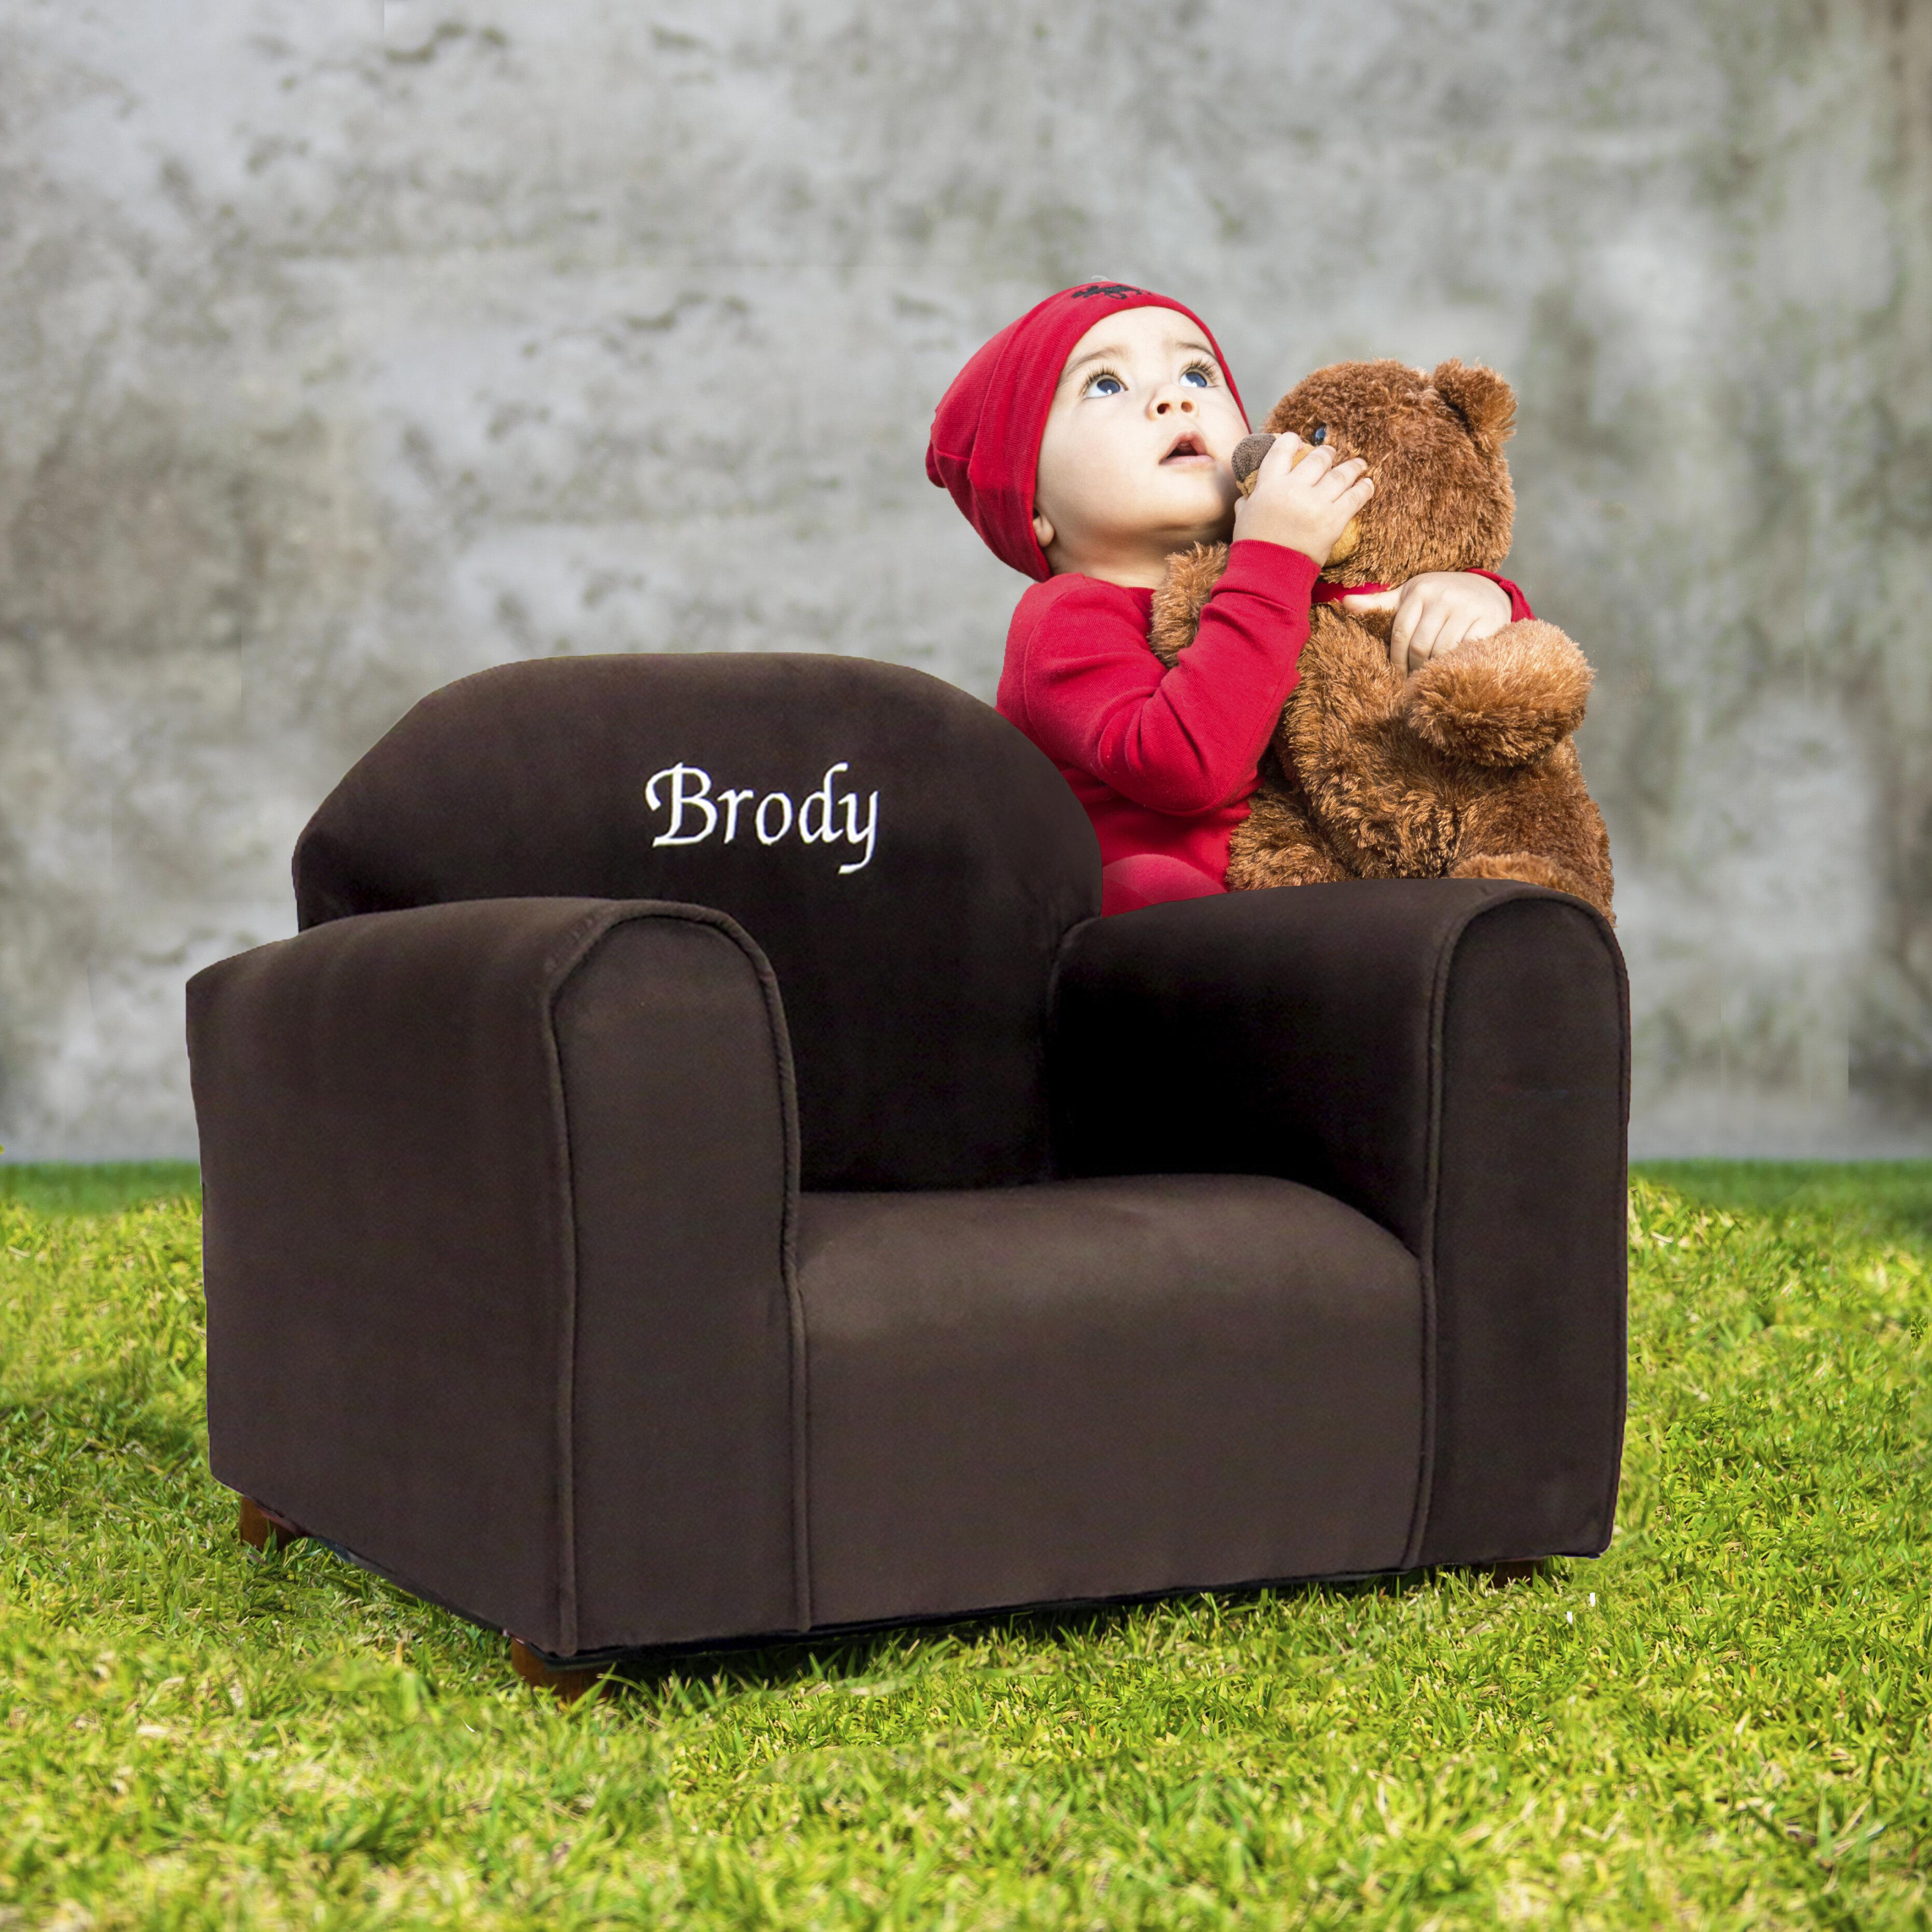 Keet Little Furniture Personalized Kids